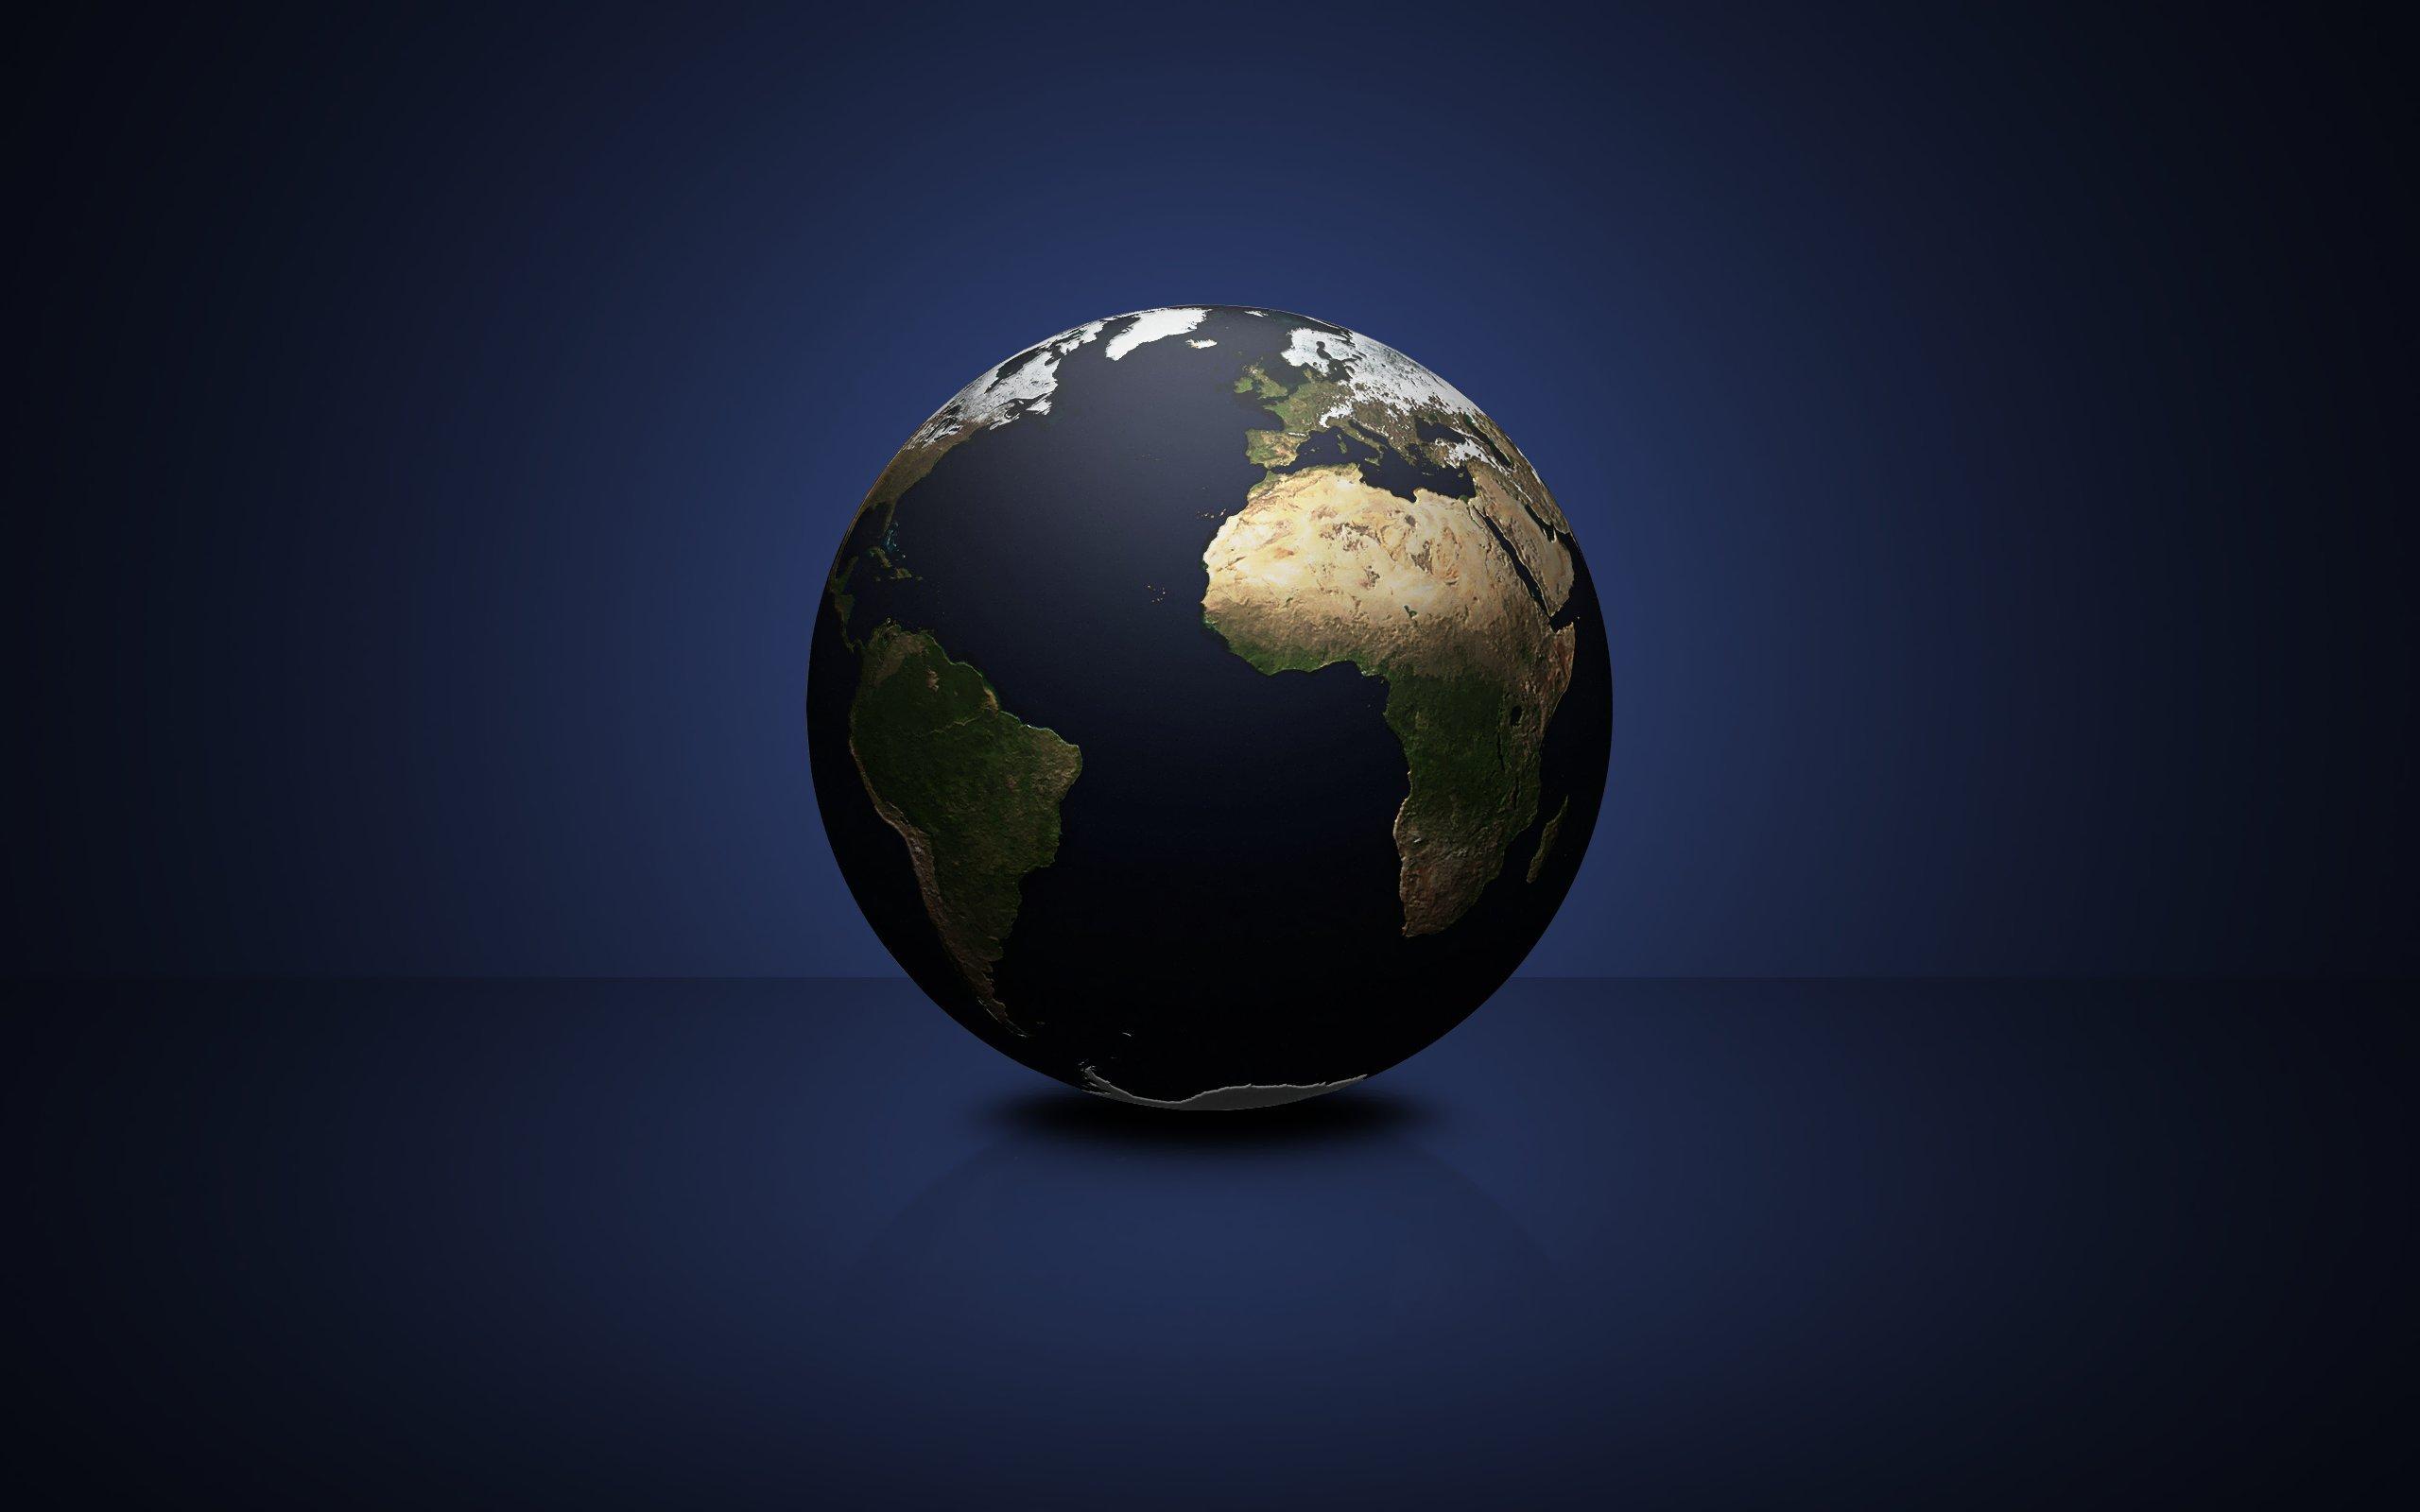 Земной шар фото в хорошем качестве сорта